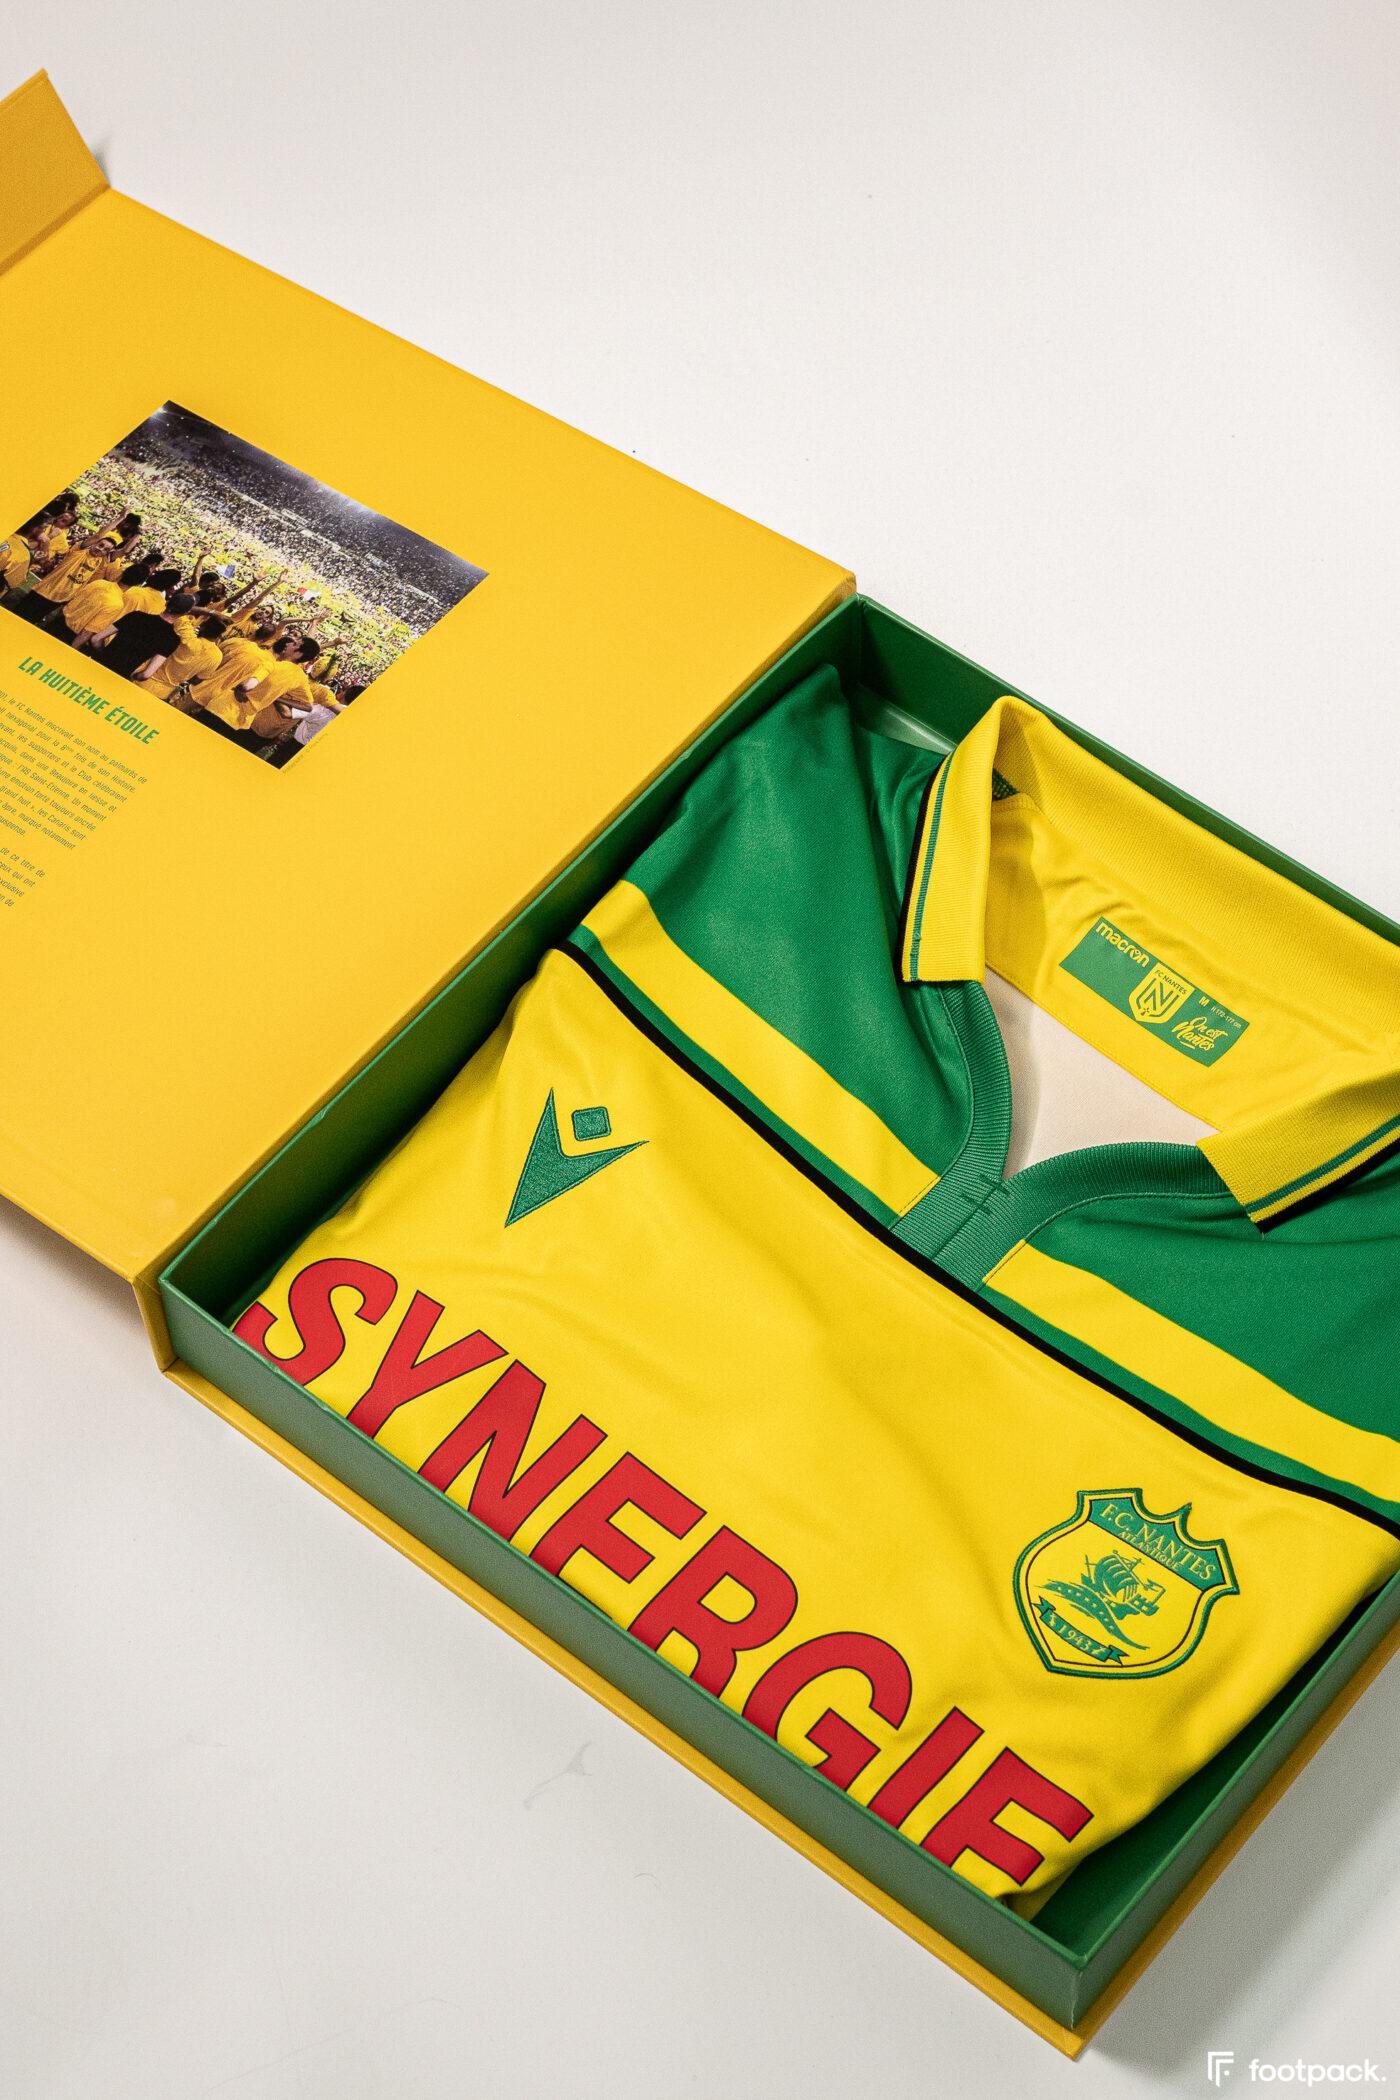 Maillot FC Nantes 2000-2001 réédition